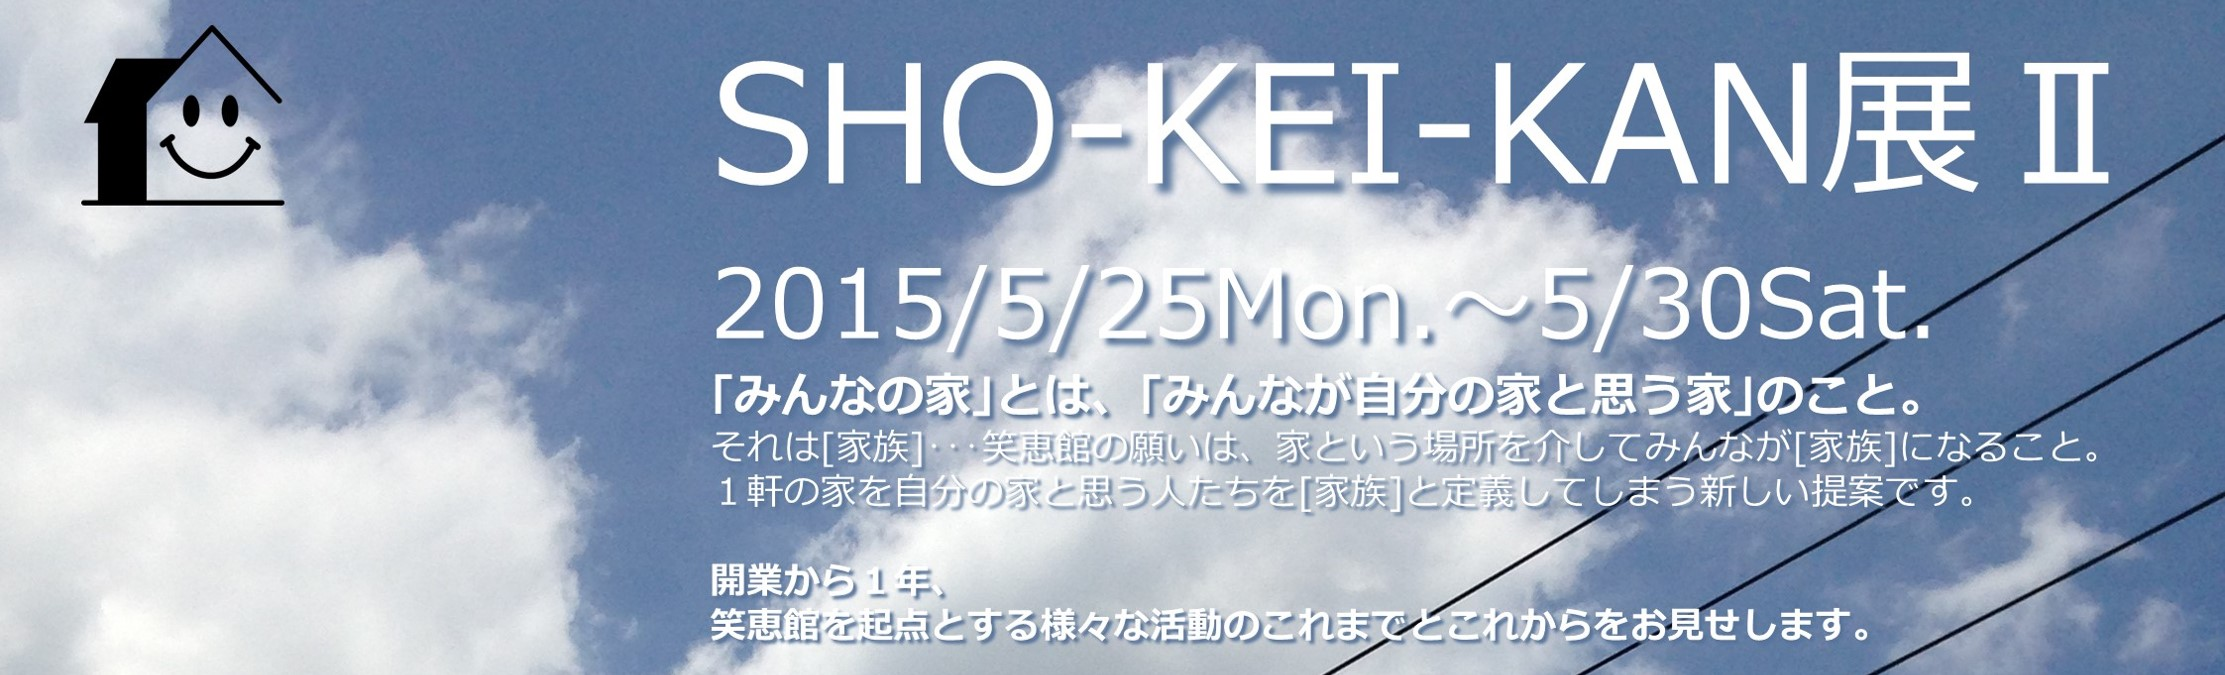 sho-kei-kan-ten-2